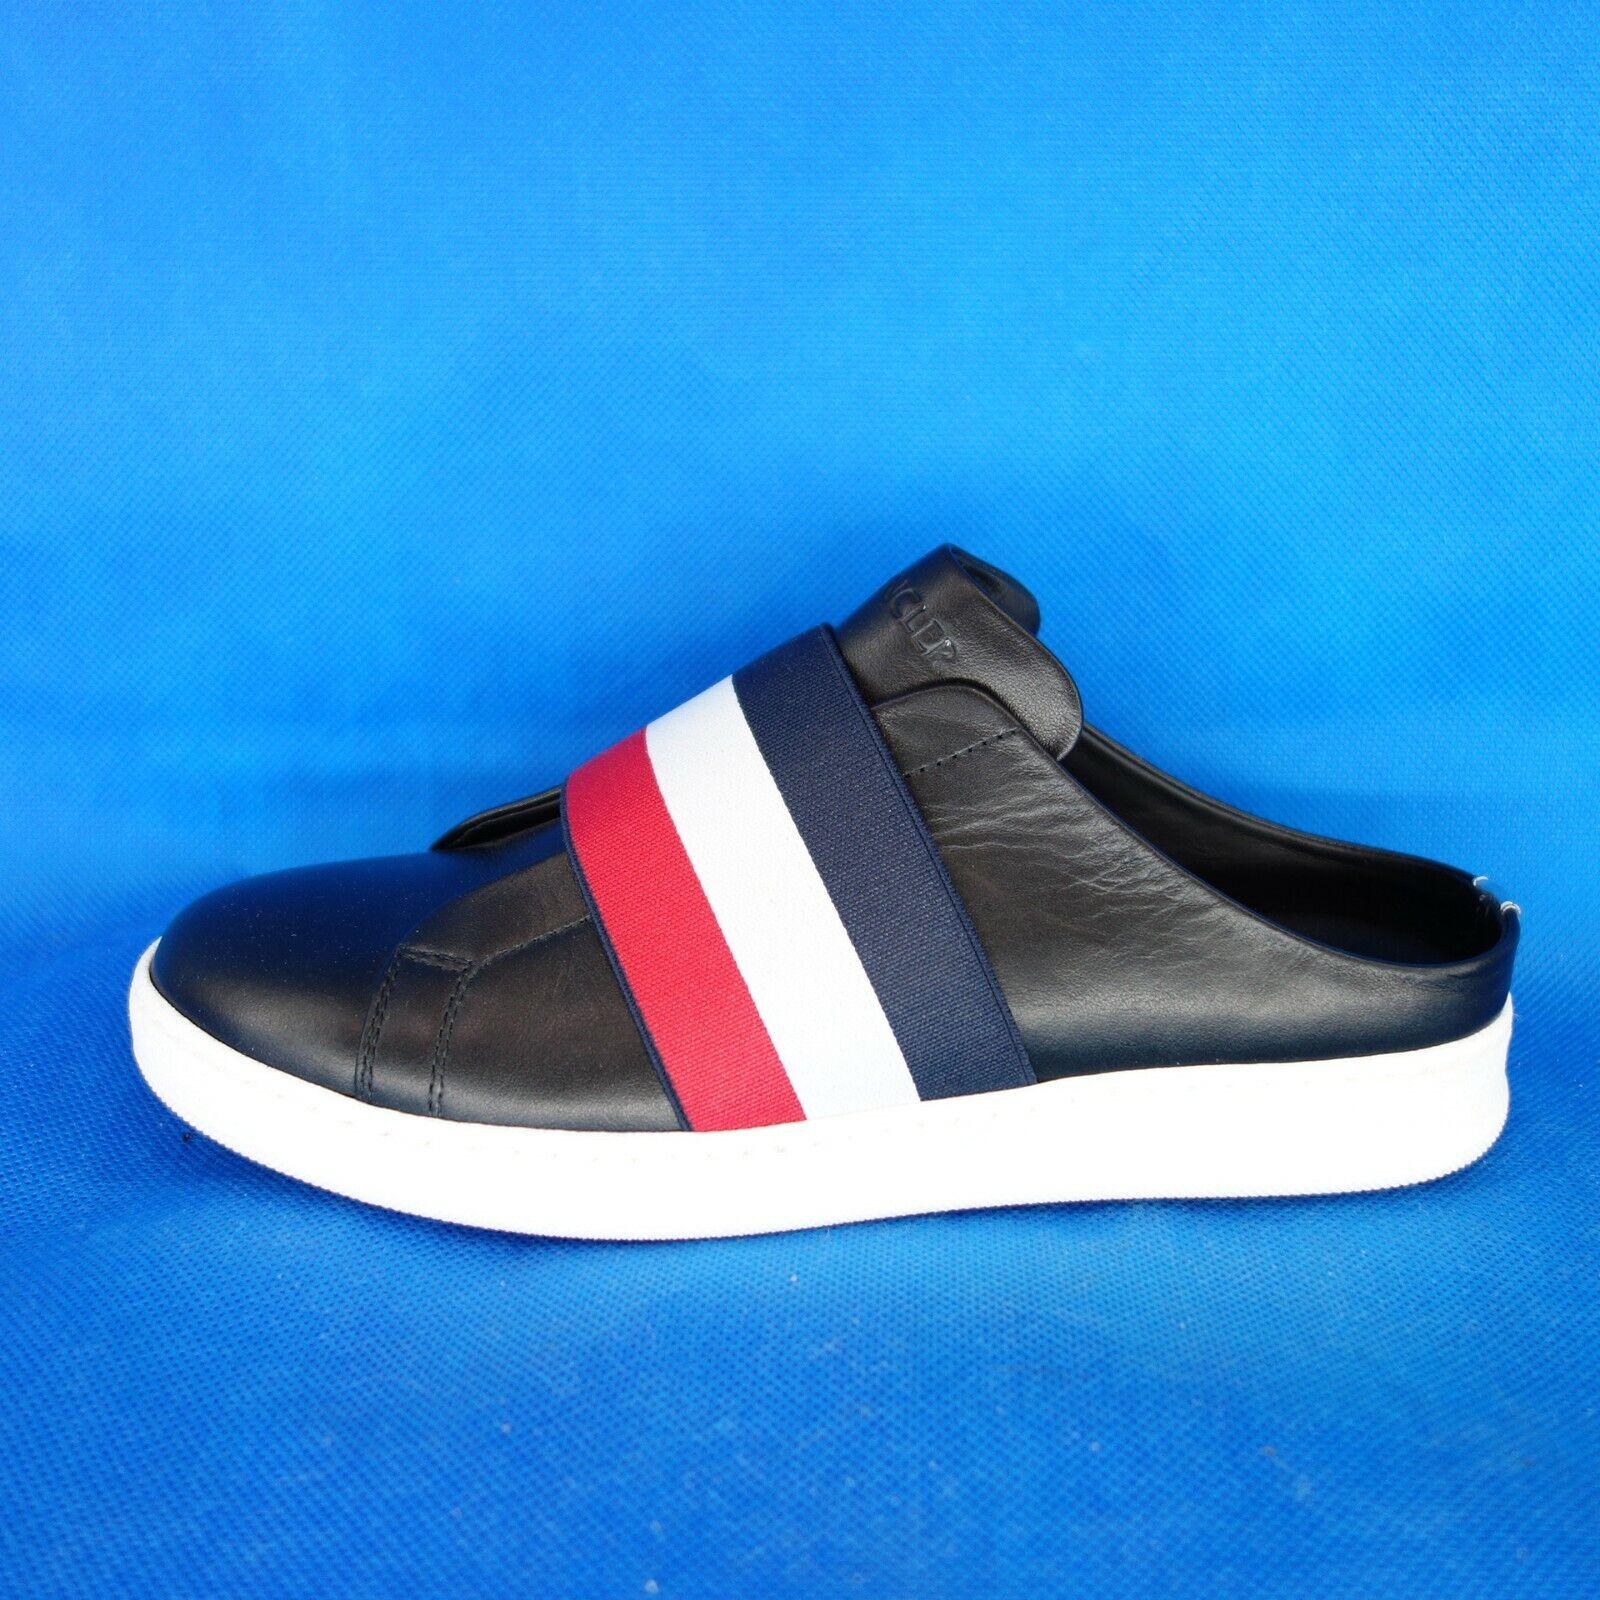 Monclero donna Scarpe scarpe da ginnastica Alice Dimensione 37  40 Cuoio Elastic NP multiColoreeee 399 NUOVO  prezzo più economico